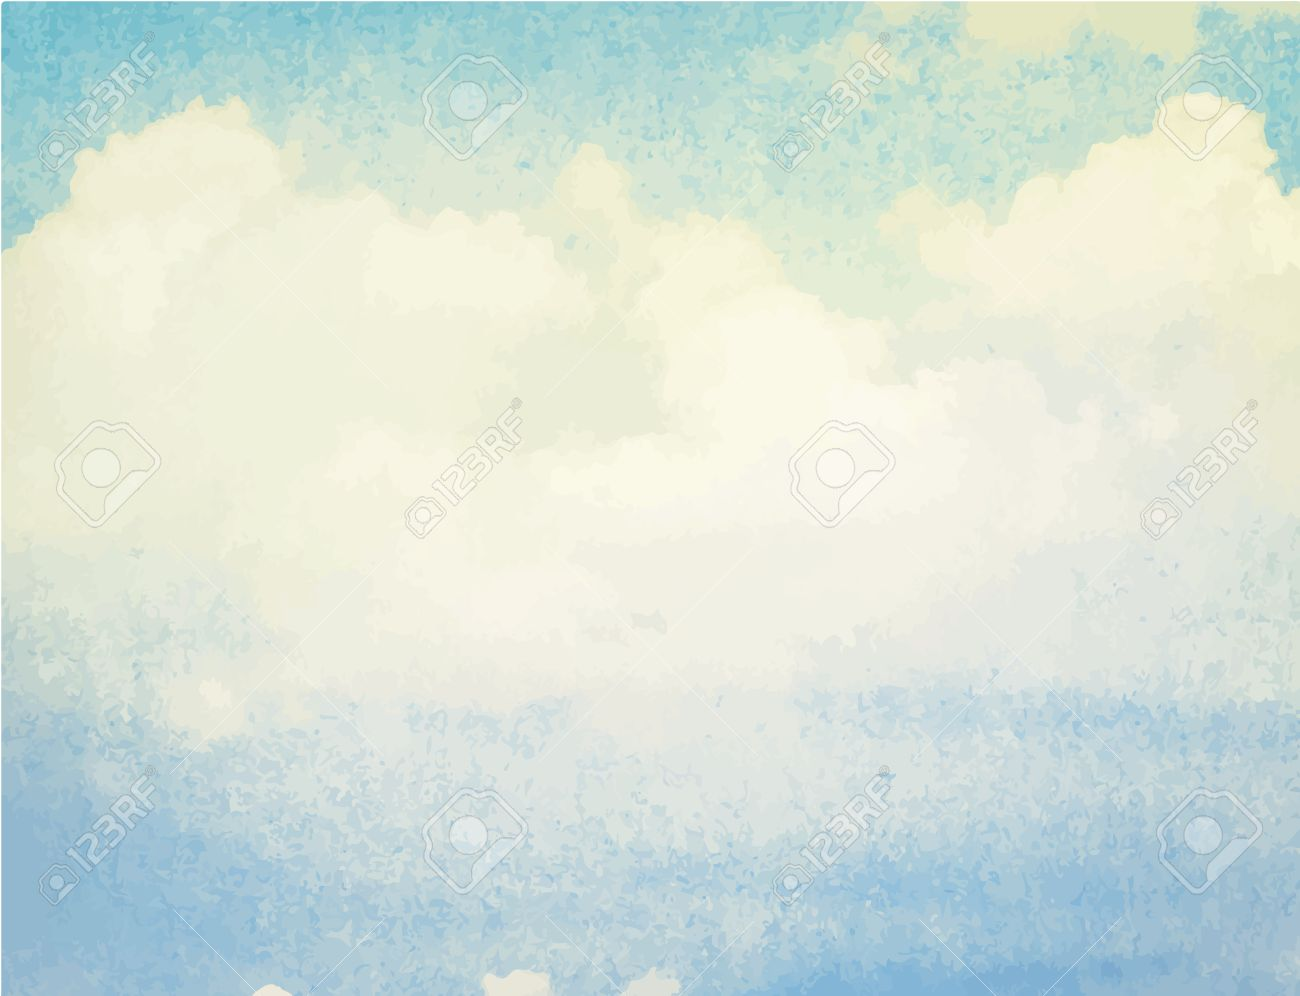 Bien connu Aquarelle Nuage Et Le Ciel Bleu Clip Art Libres De Droits  SZ08